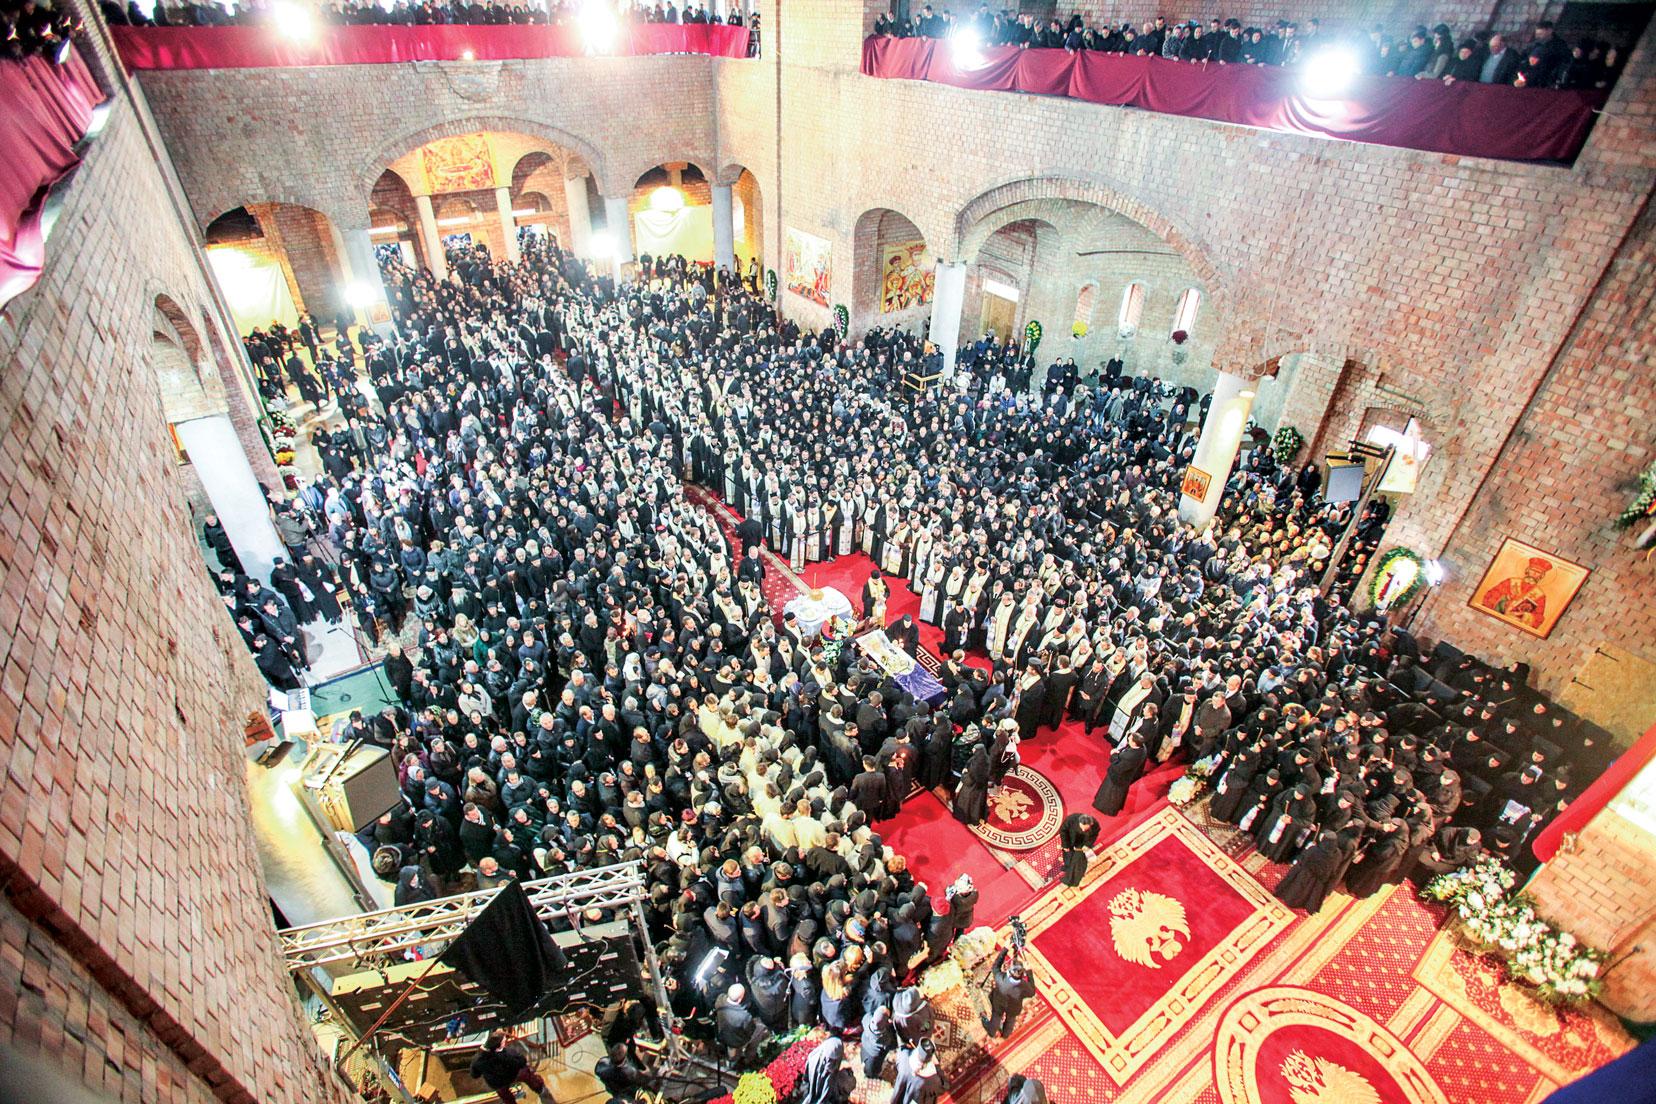 Înaltpreasfințitul Părinte Arhiepiscop Justinian al Maramureșului și Sătmarului a trecut la Domnul